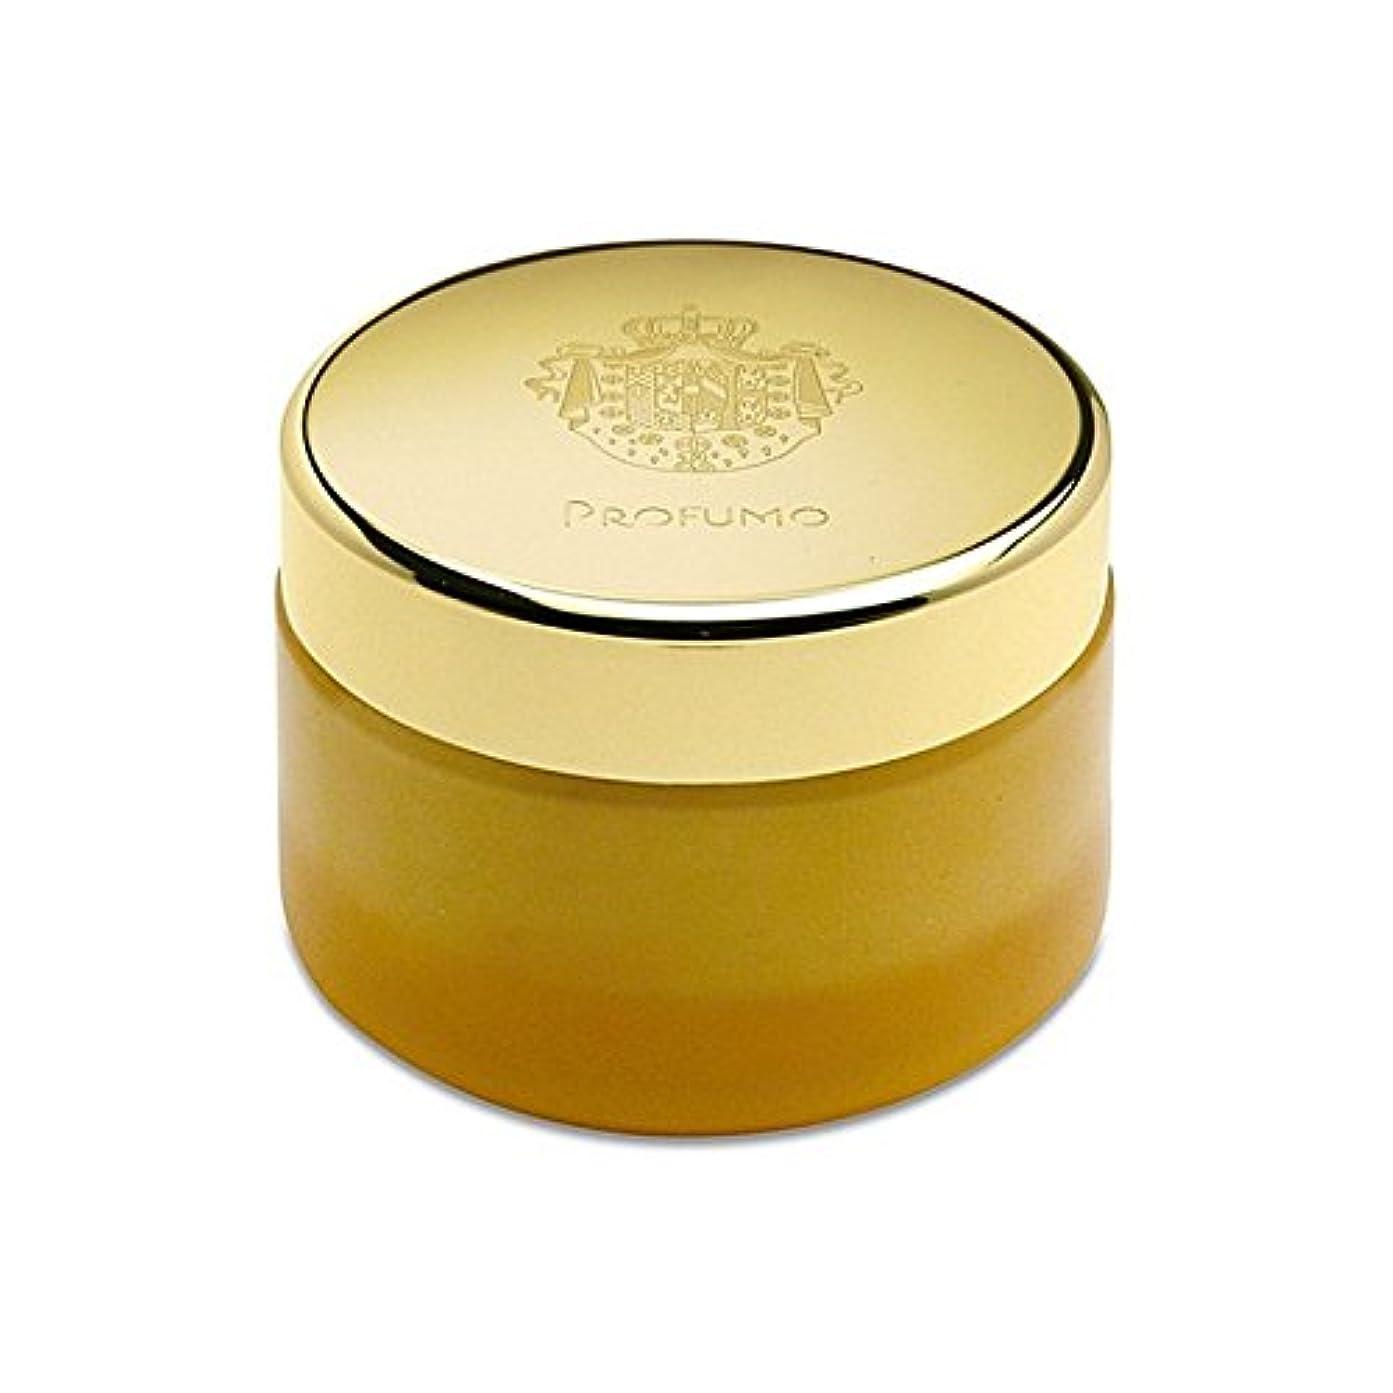 パラナ川秘密の可能にするアクアディパルマボディクリーム200ミリリットル x2 - Acqua Di Parma Profumo Body Cream 200ml (Pack of 2) [並行輸入品]